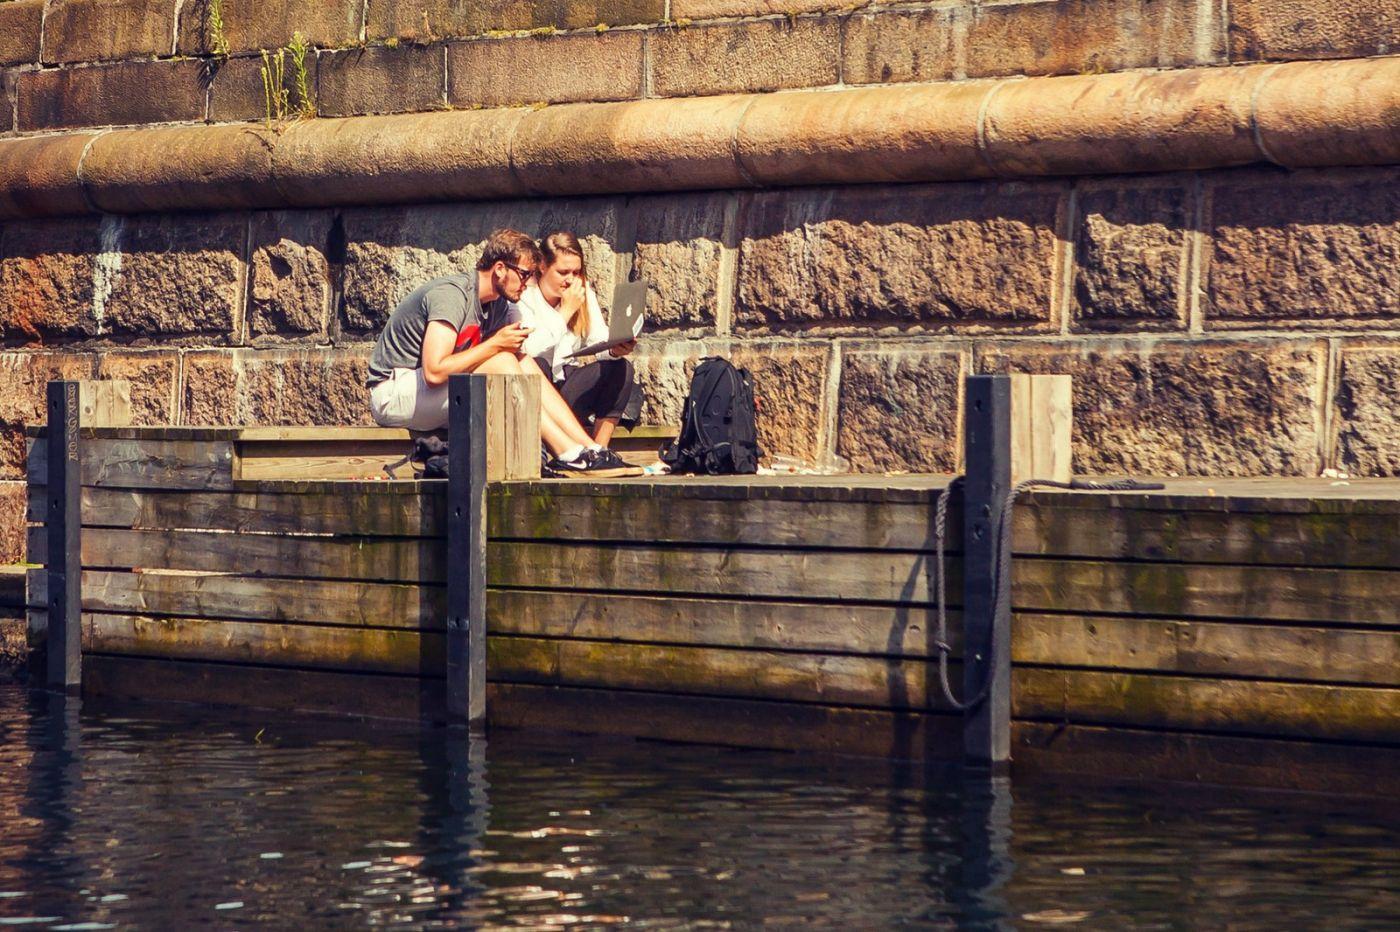 丹麥哥本哈根,生活可以是這樣的_圖1-24